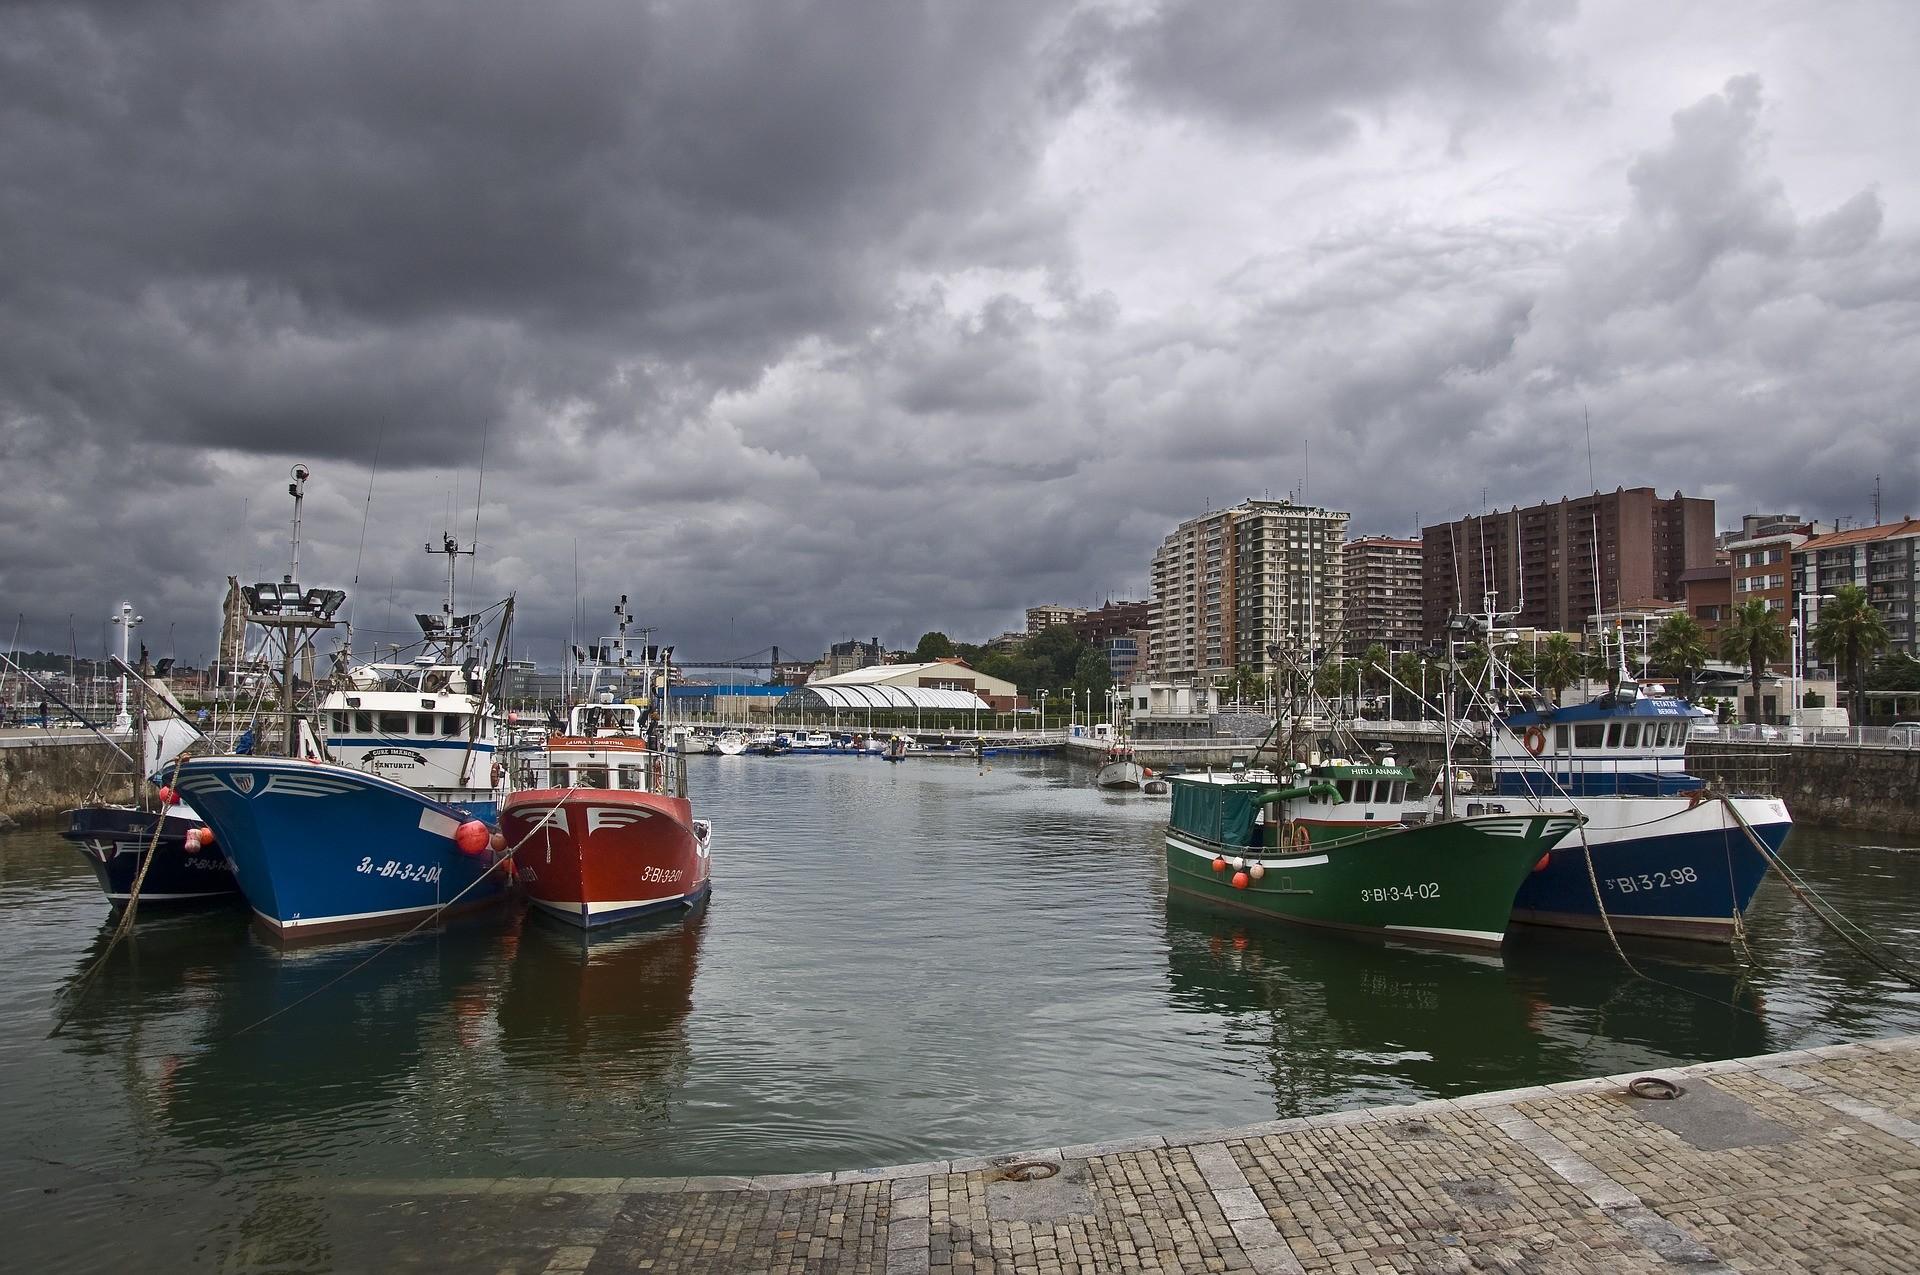 Bilbao luoghi di interesse: alcune barche a Bilbao - Foto di Puturrufo